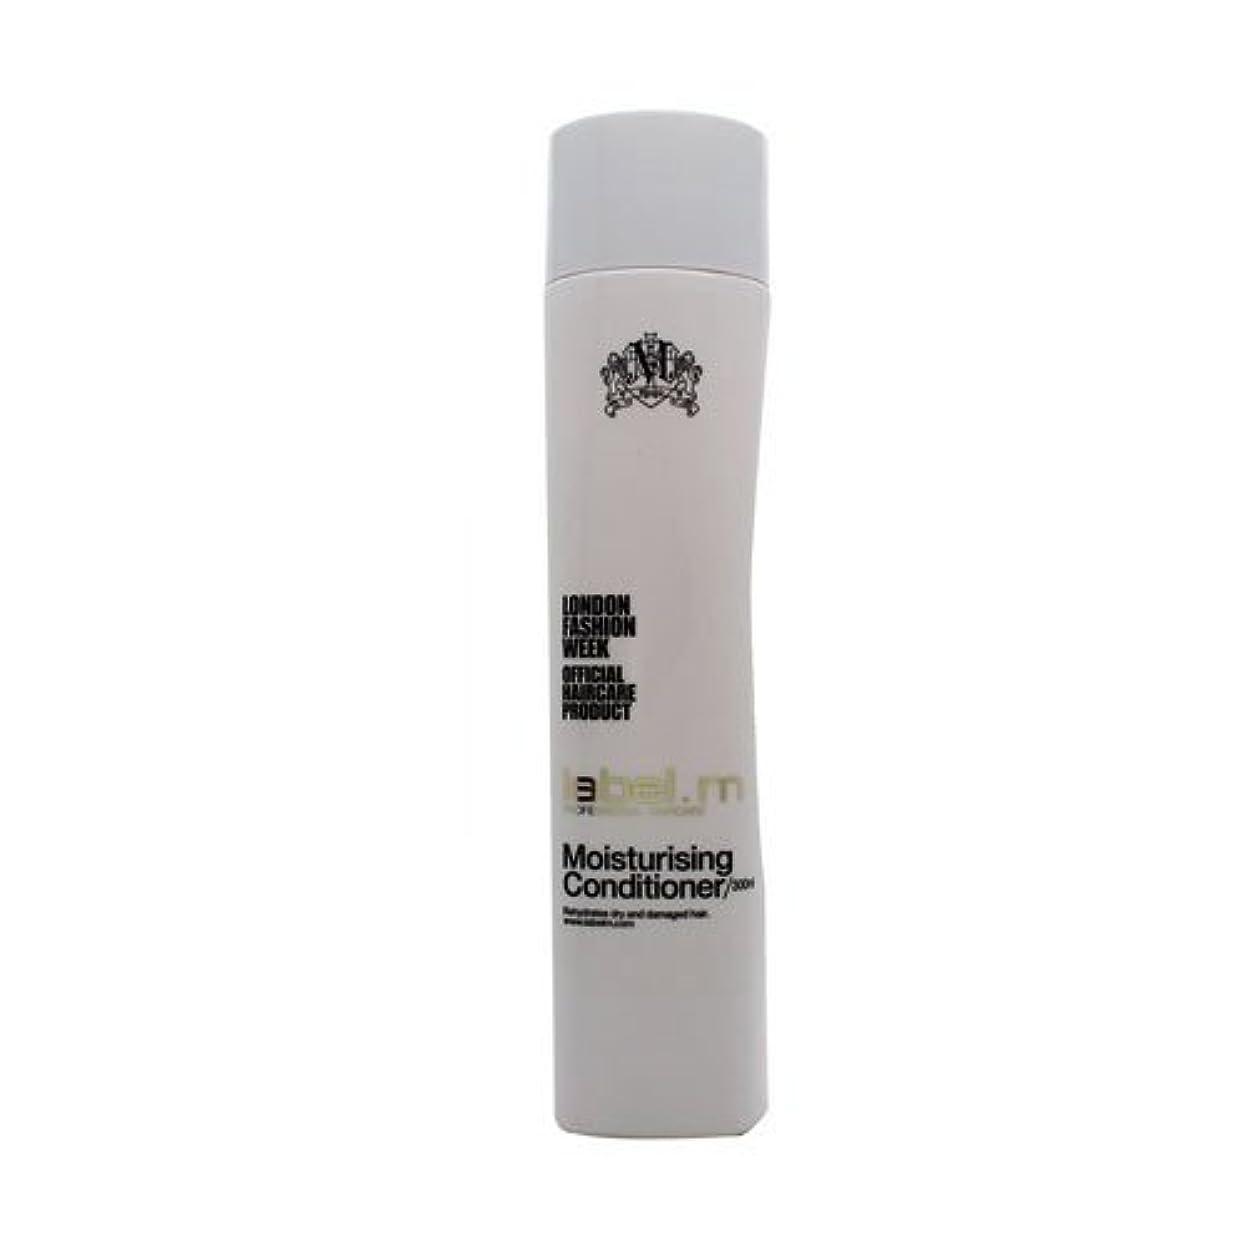 有益征服規則性トニー&ガイ レーベルエム保湿コンディショナー 300ml (並行輸入品)